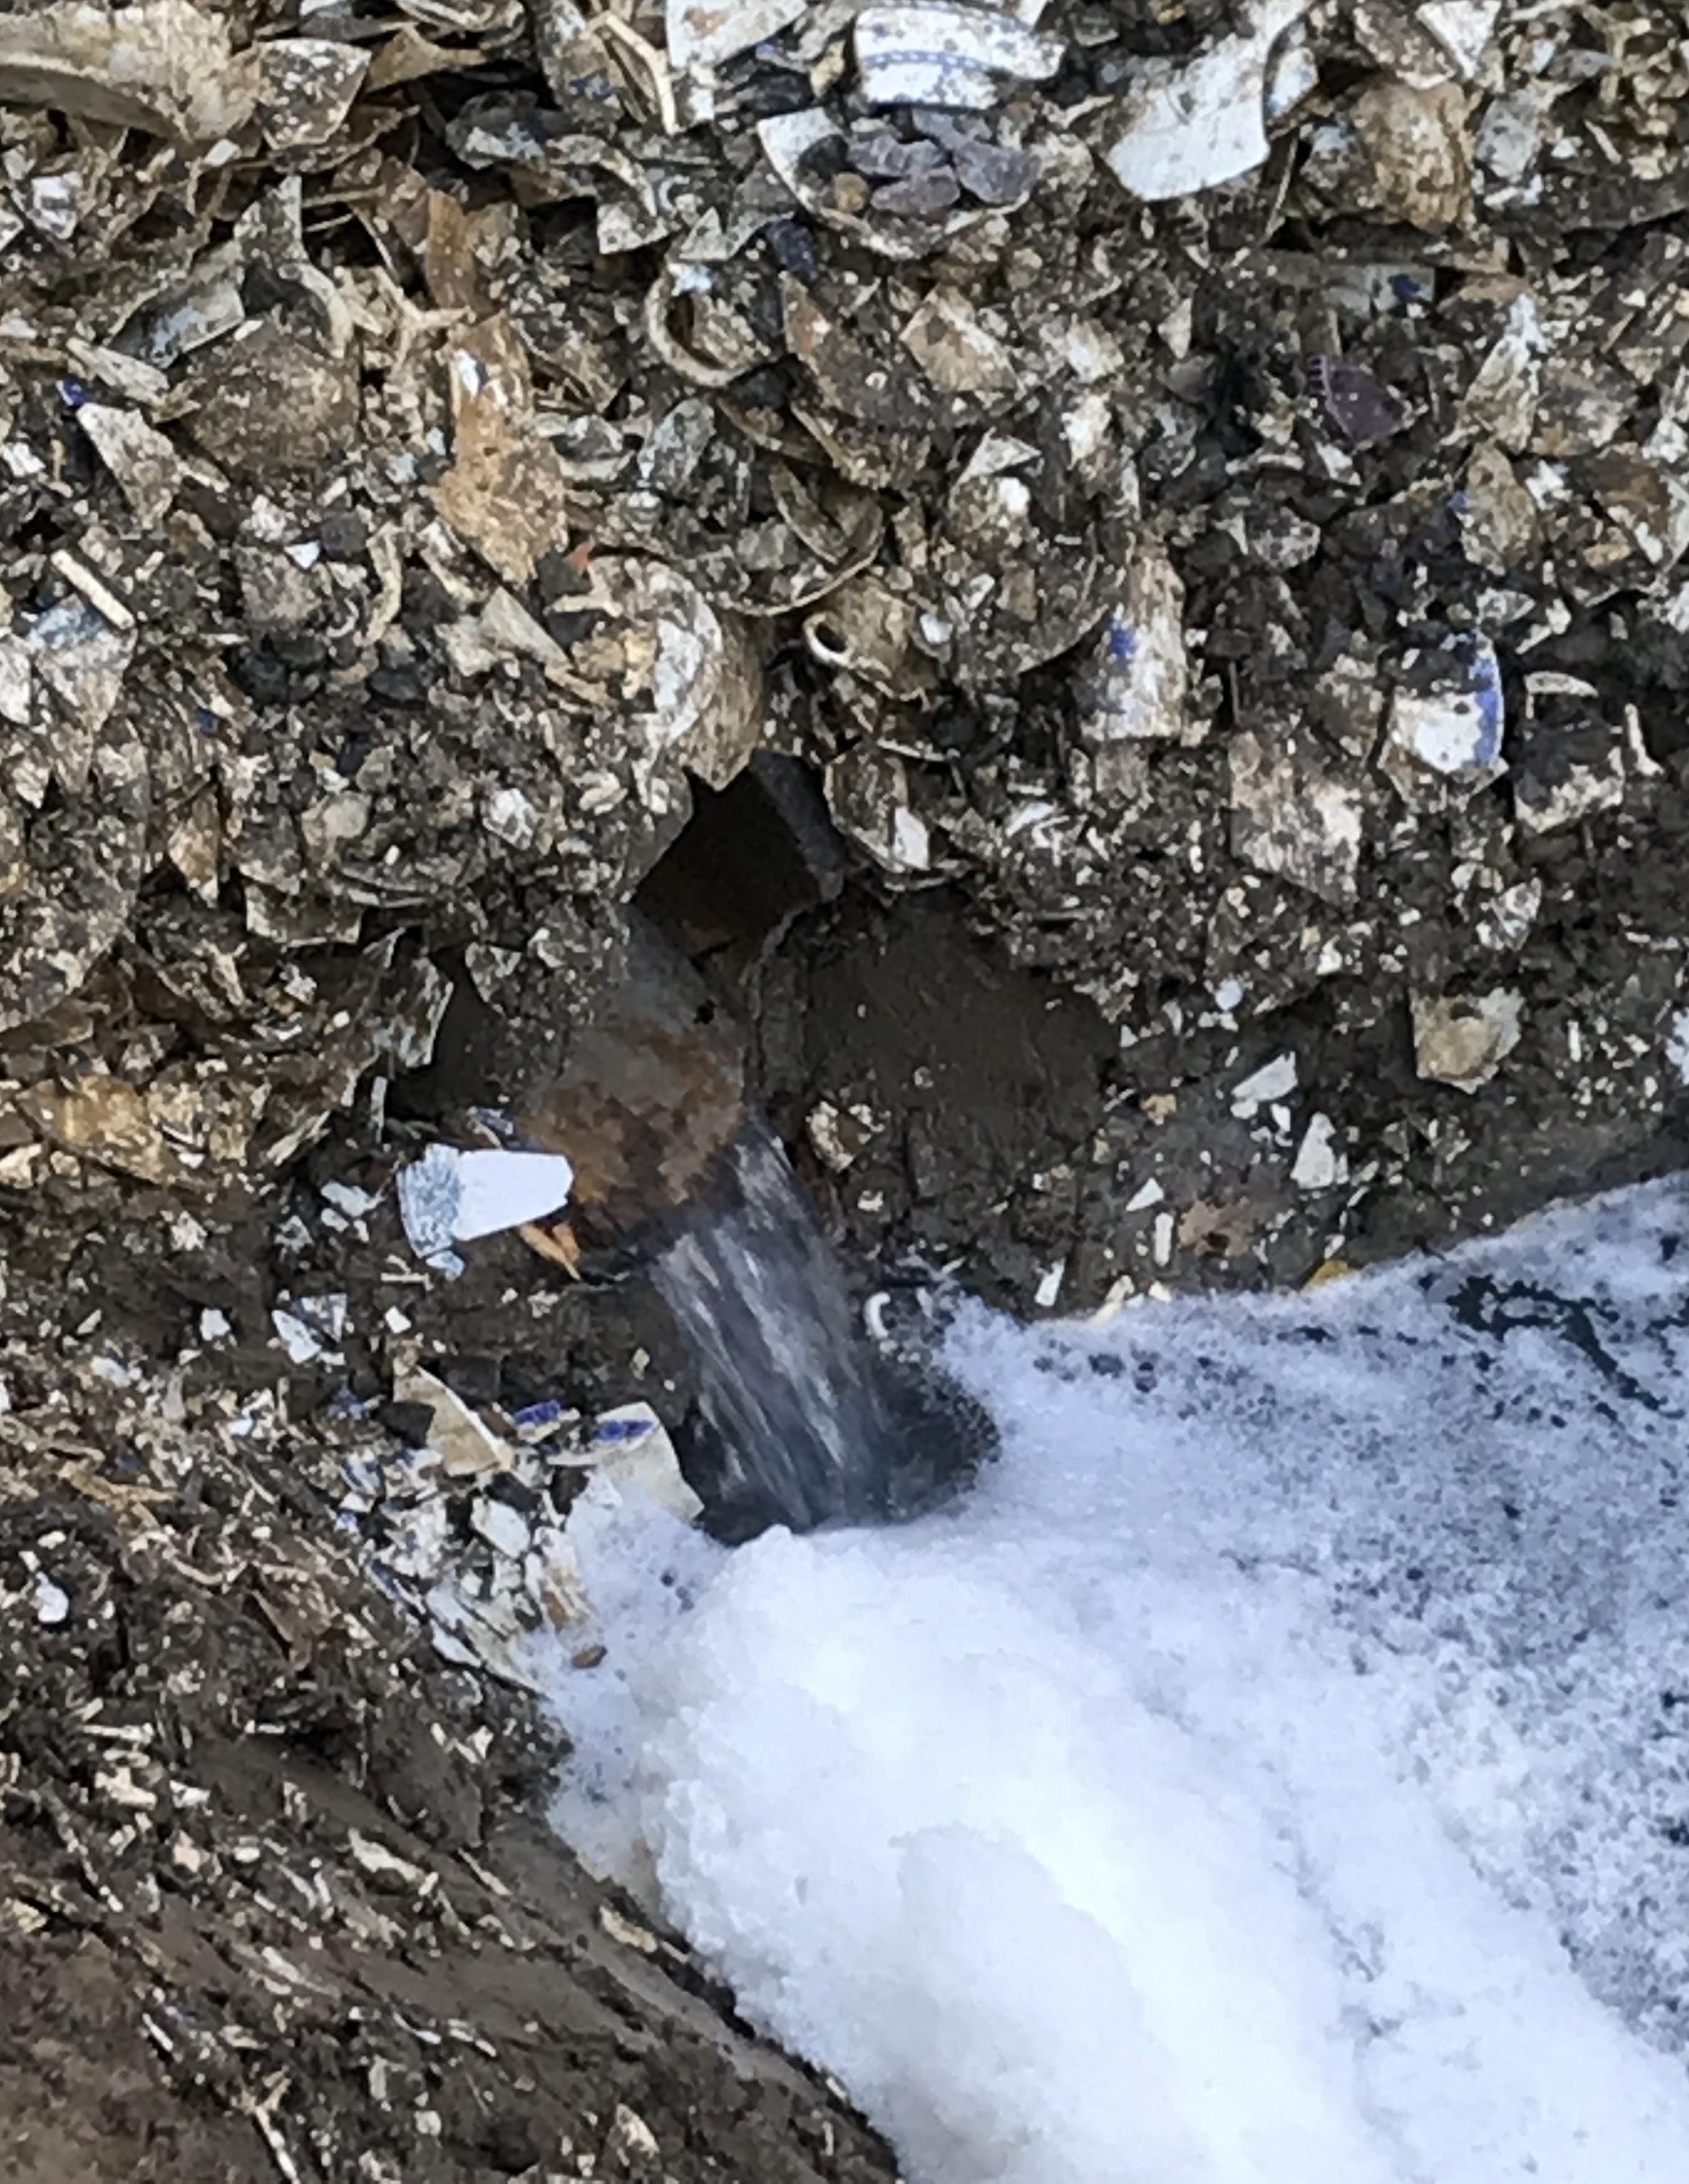 Slutet av cementröret som kommer från V&B:s soptipp och vattnet som rinner ut i stenkistan.